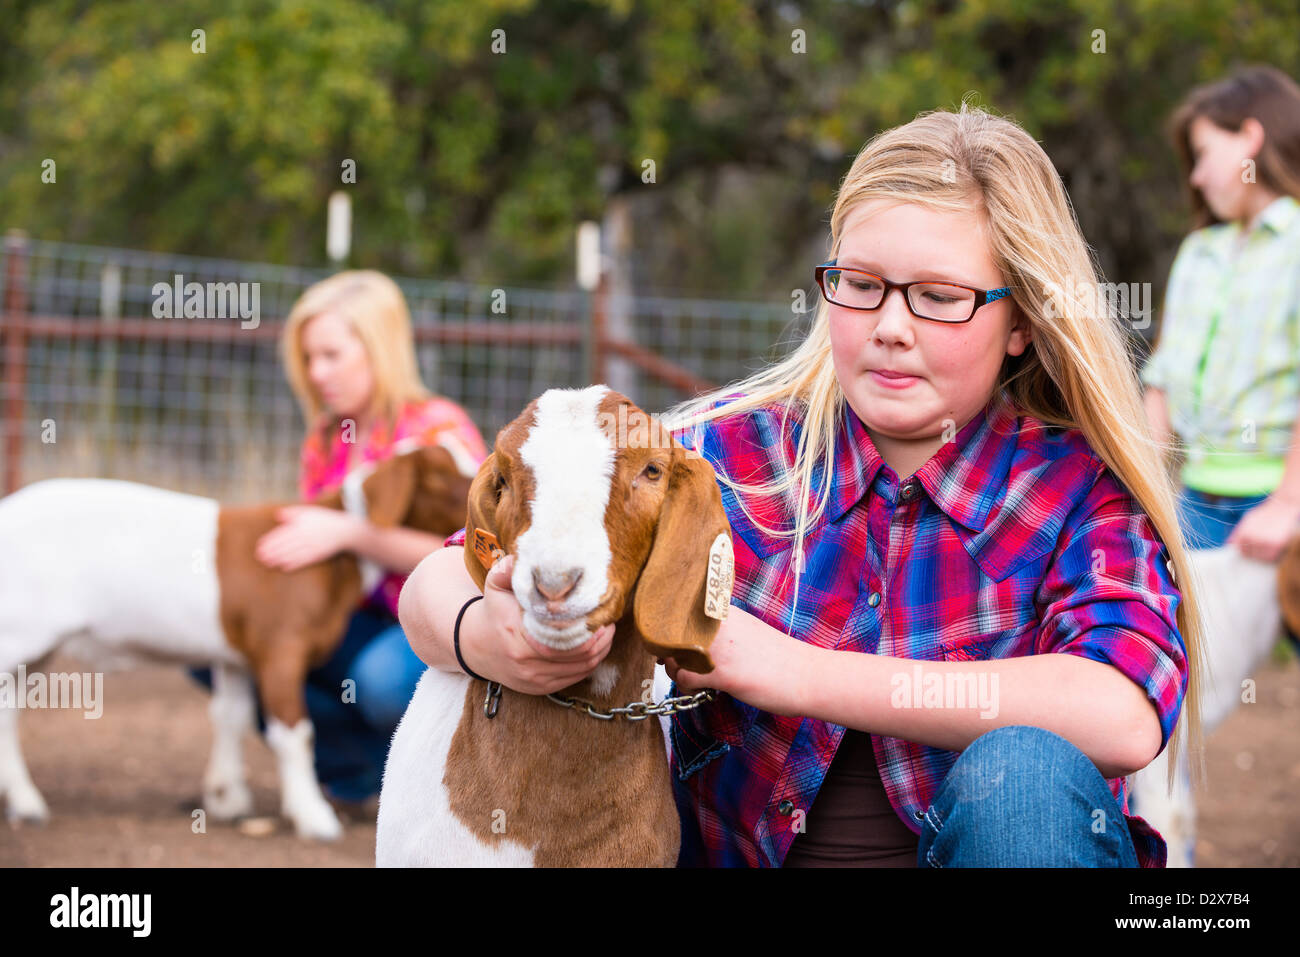 Finca las niñas teniendo cuidado de ganado caprino, acariciar y asearse para un stock show Imagen De Stock